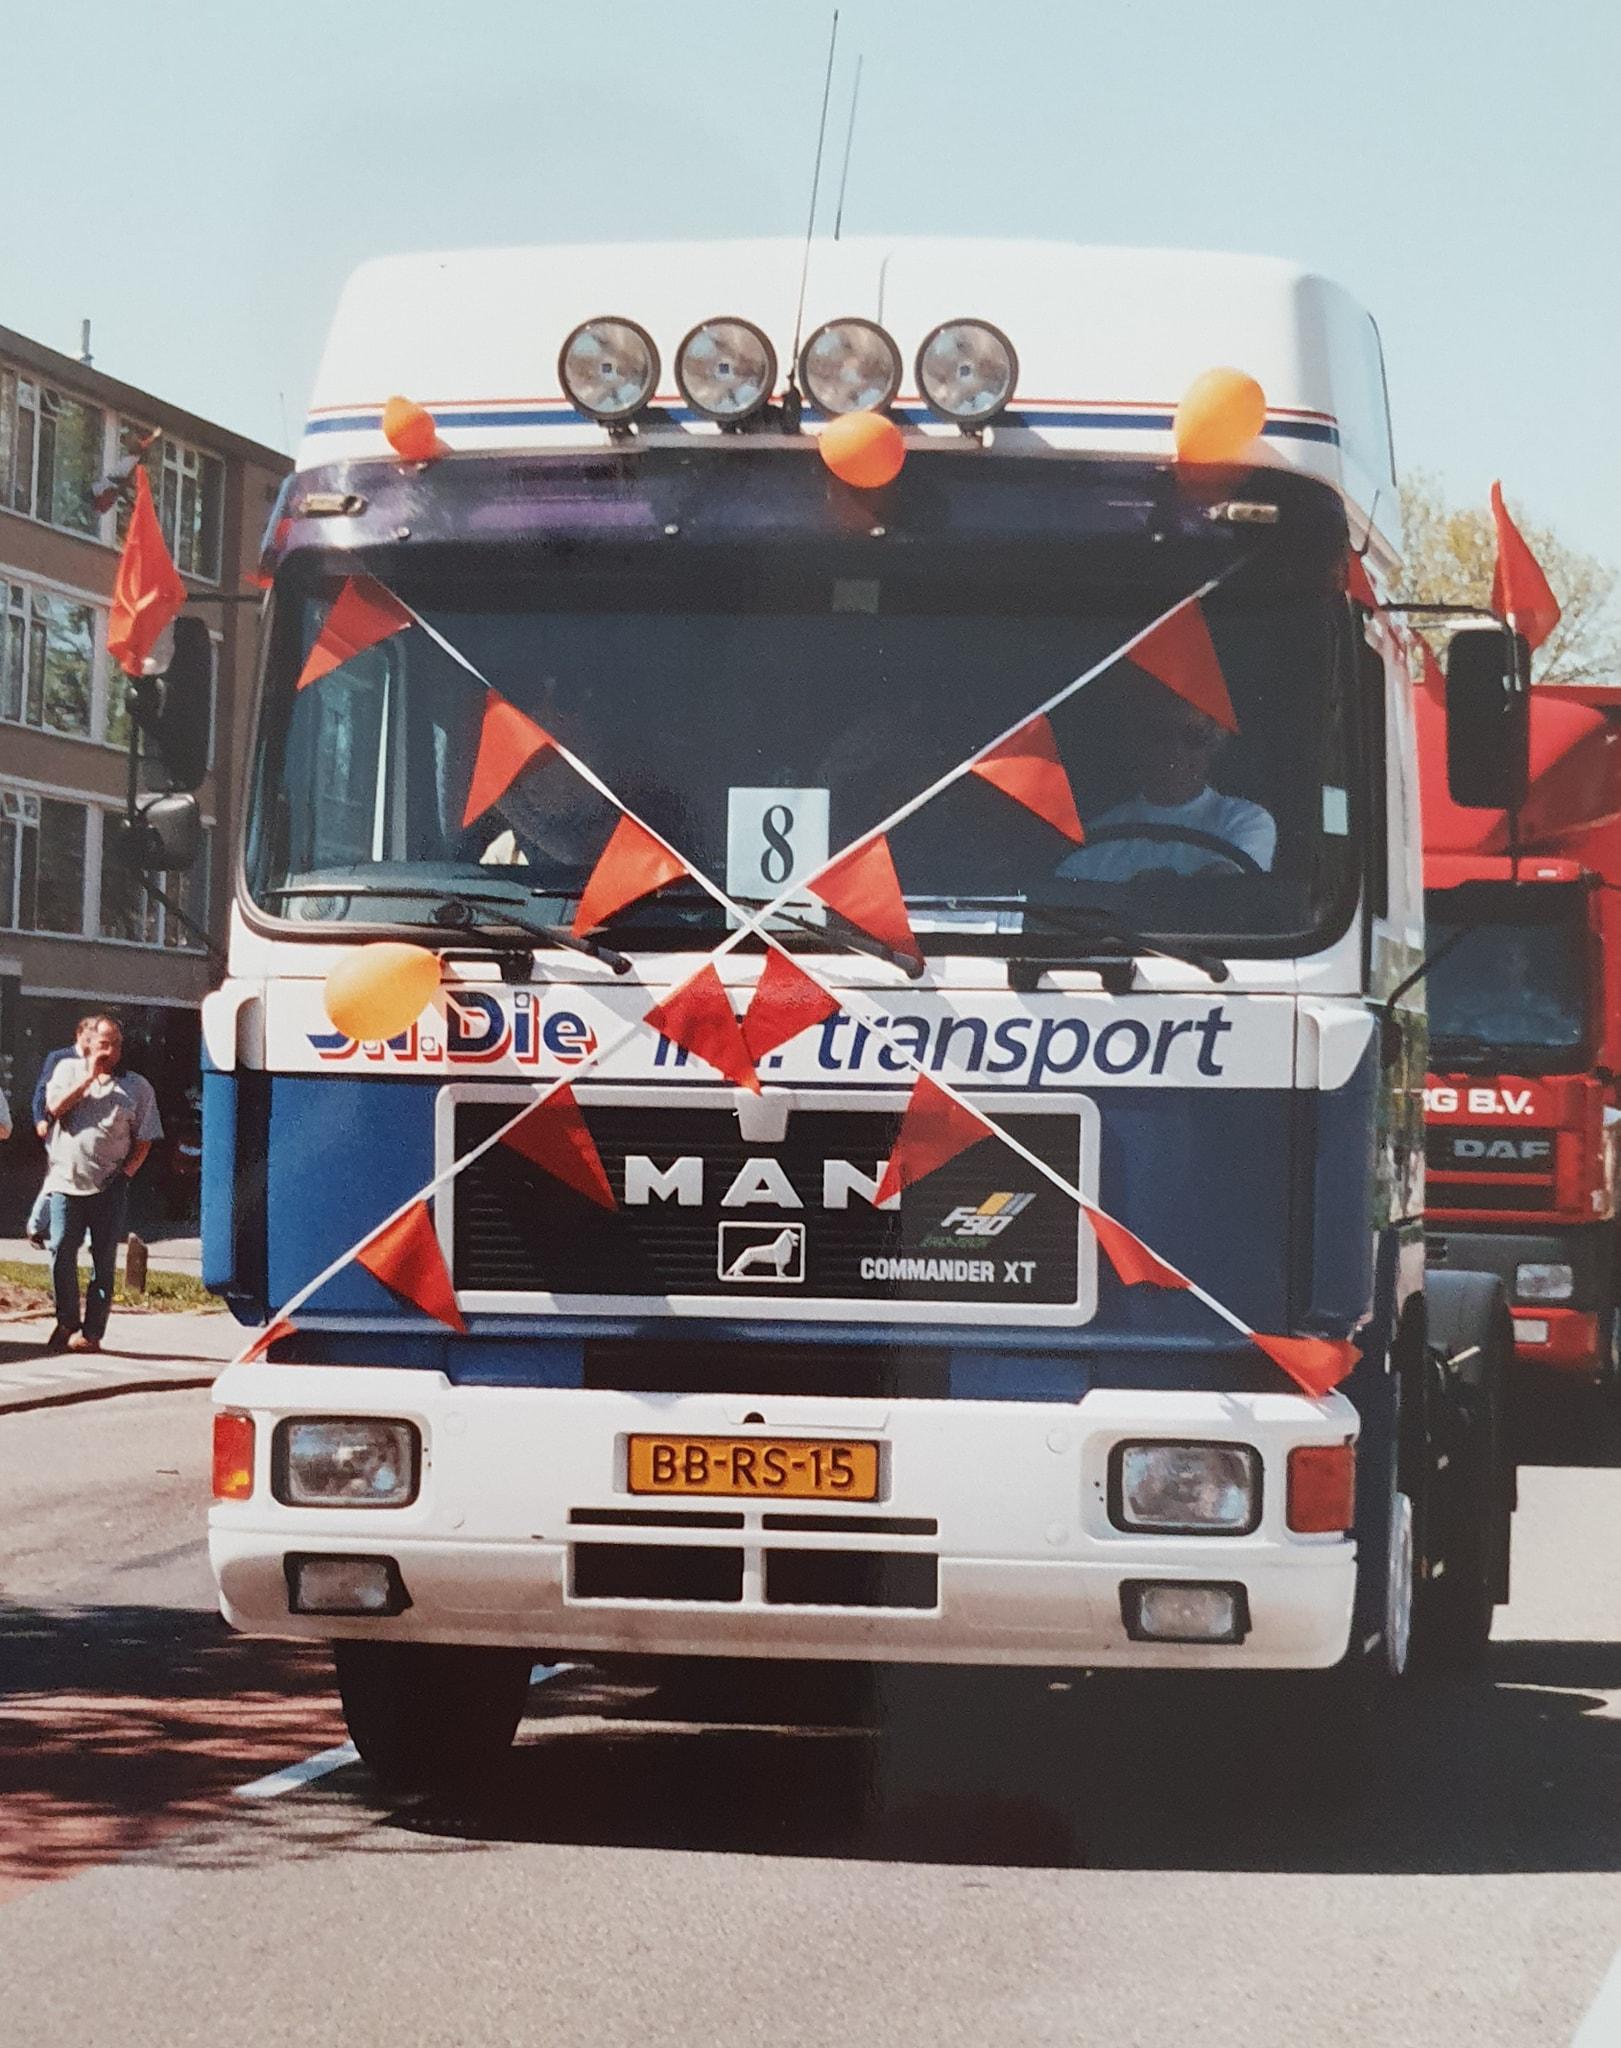 Toen-was-het-niet-rustig-in-het-dorp--Maarten-van-Die-(2)